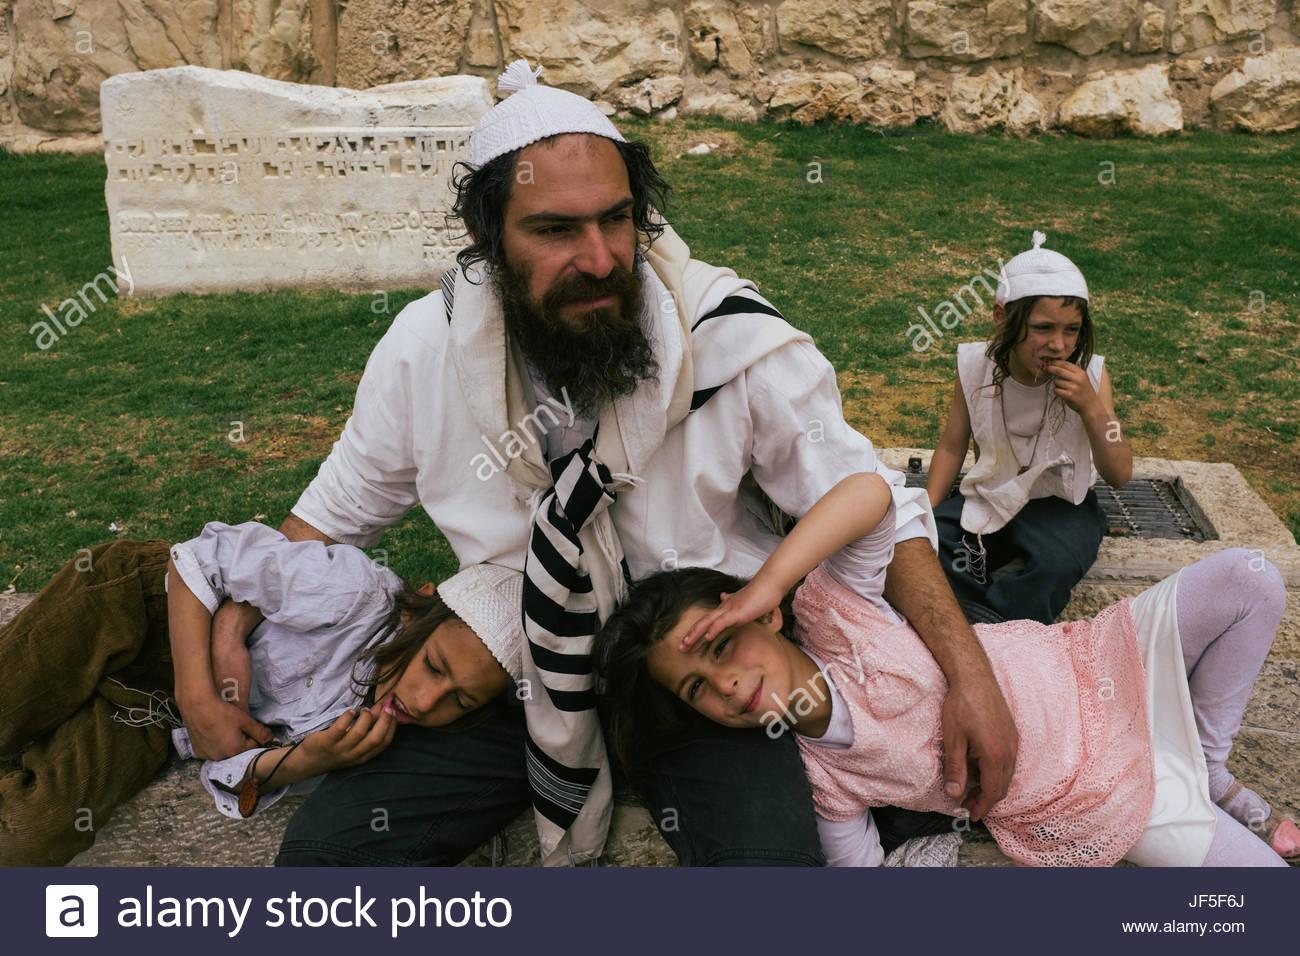 Ein jüdischer Mann liegt mit seinen Kindern in der Nähe der jüdischen Viertel der Altstadt von Jerusalem. Stockbild